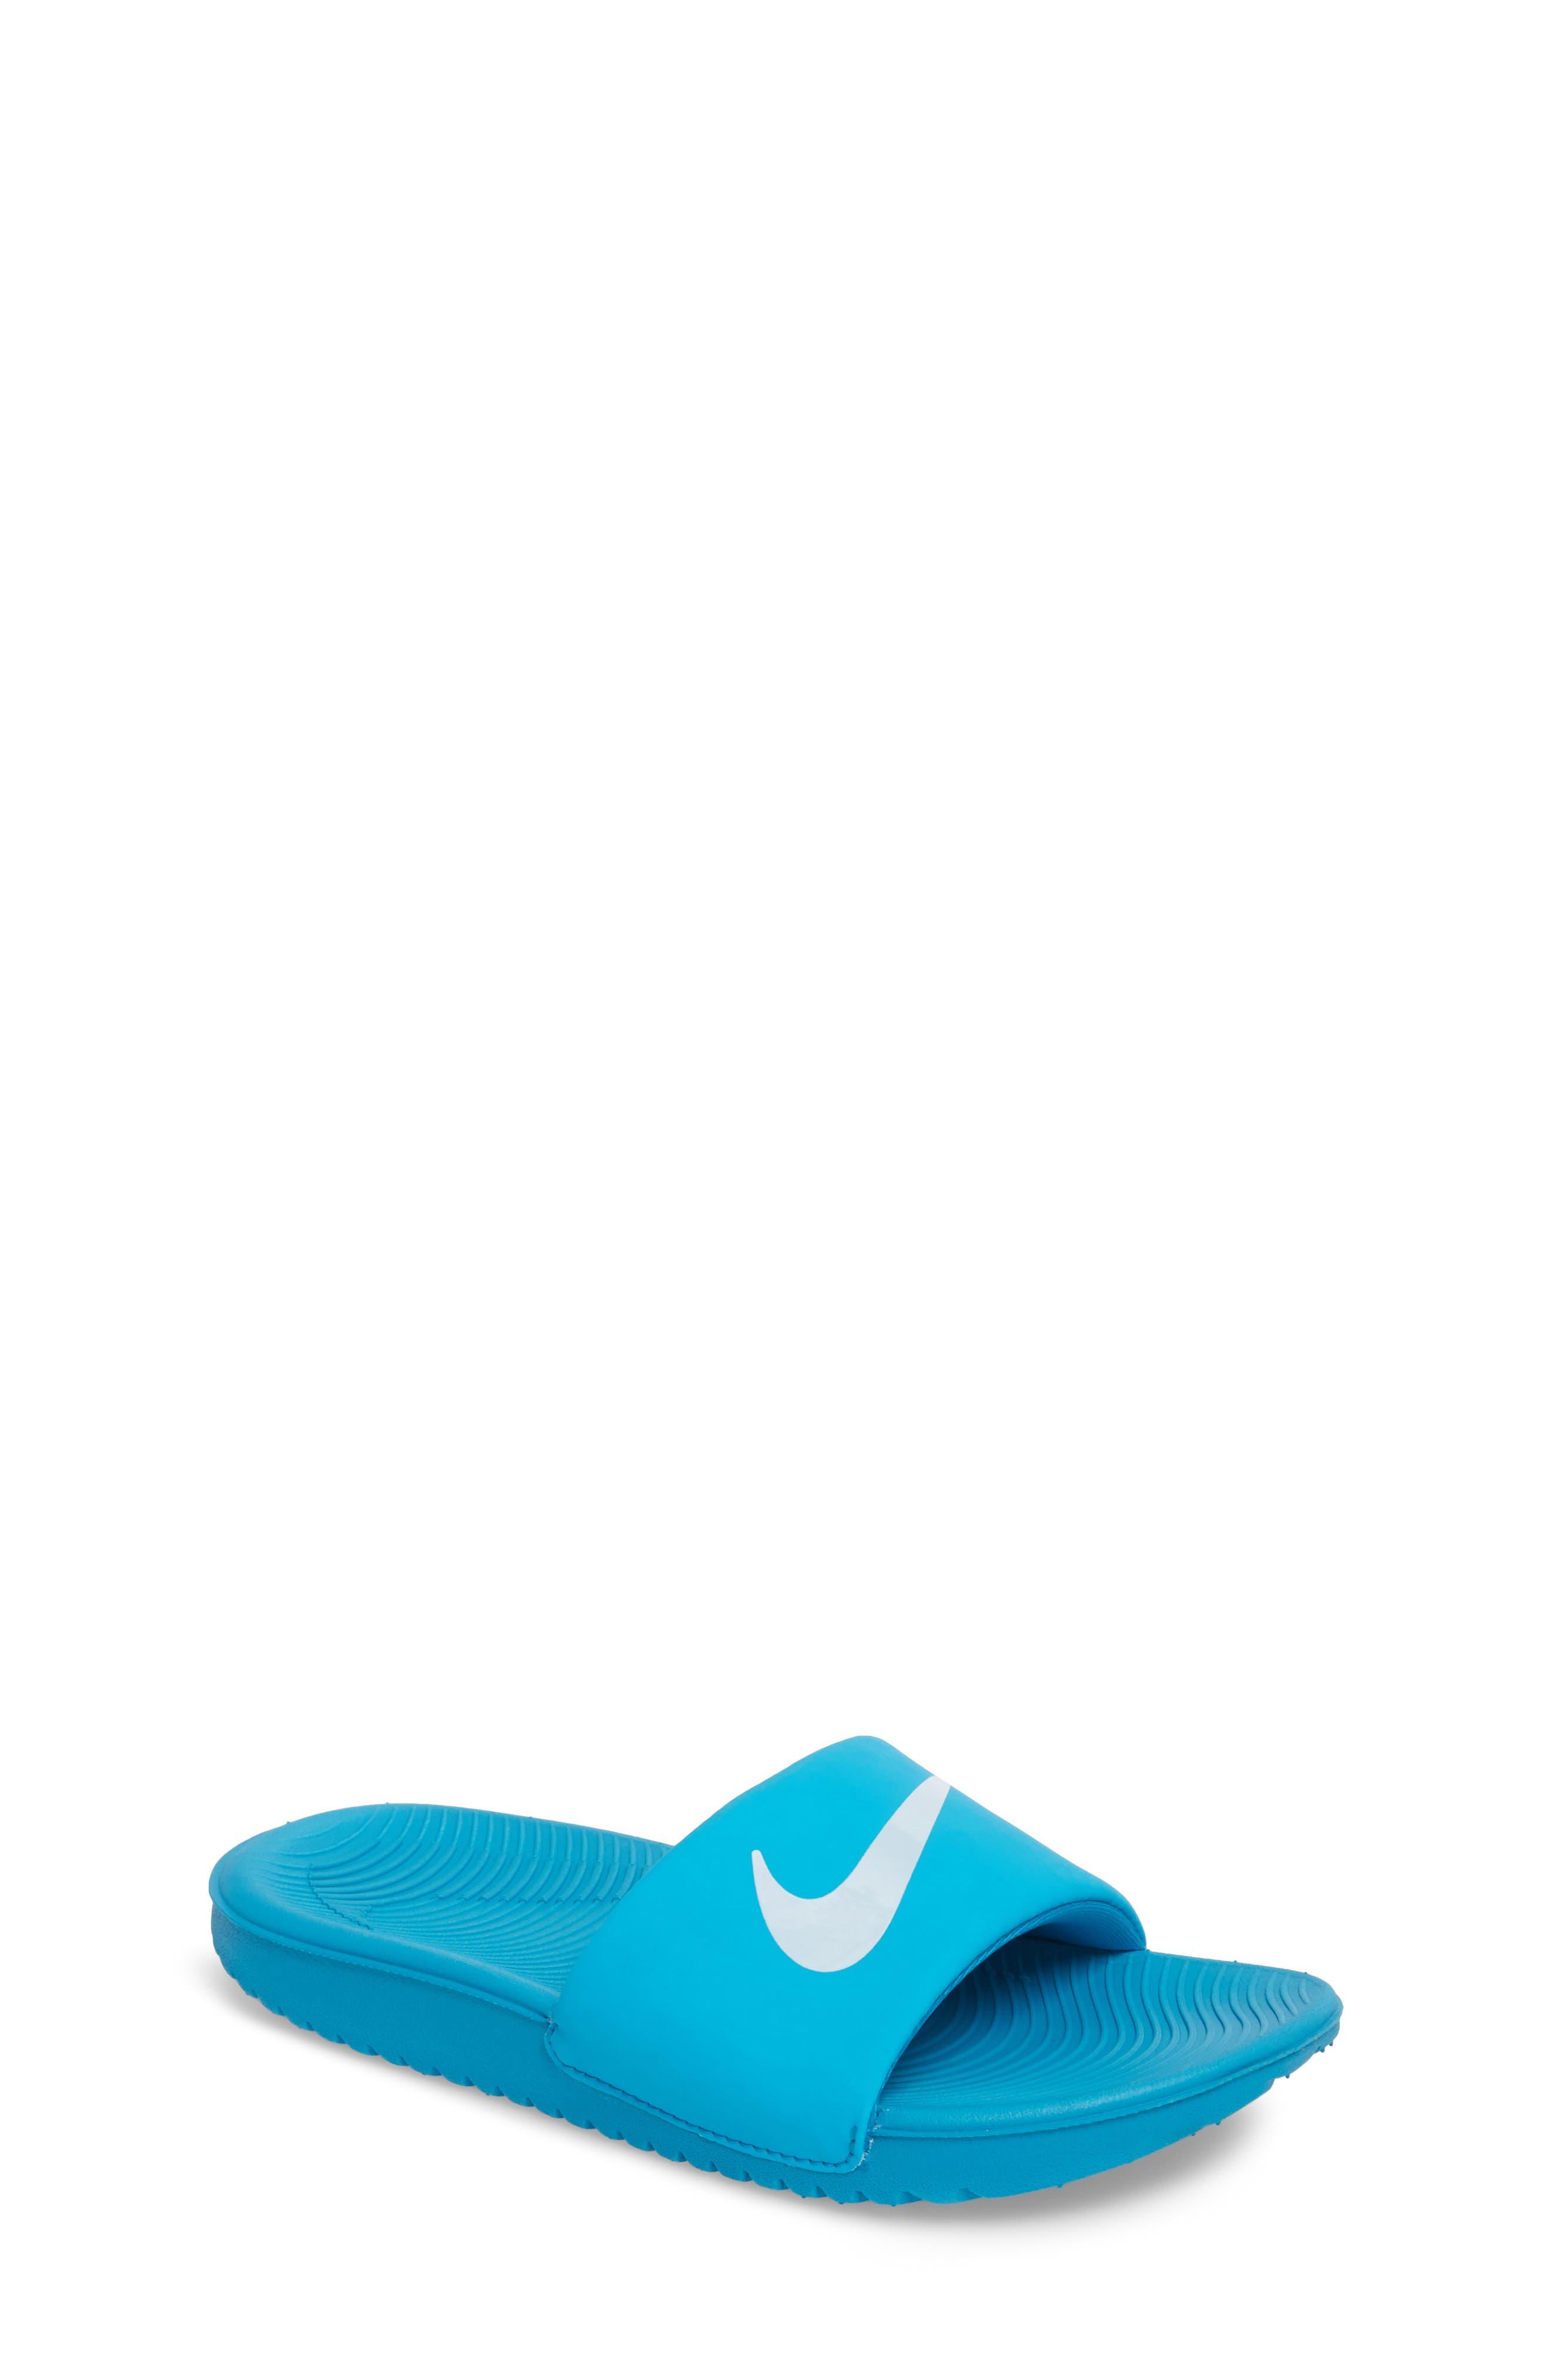 Main Image - Nike 'Kawa' Slide Sandal (Toddler, Little Kid & Big Kid)